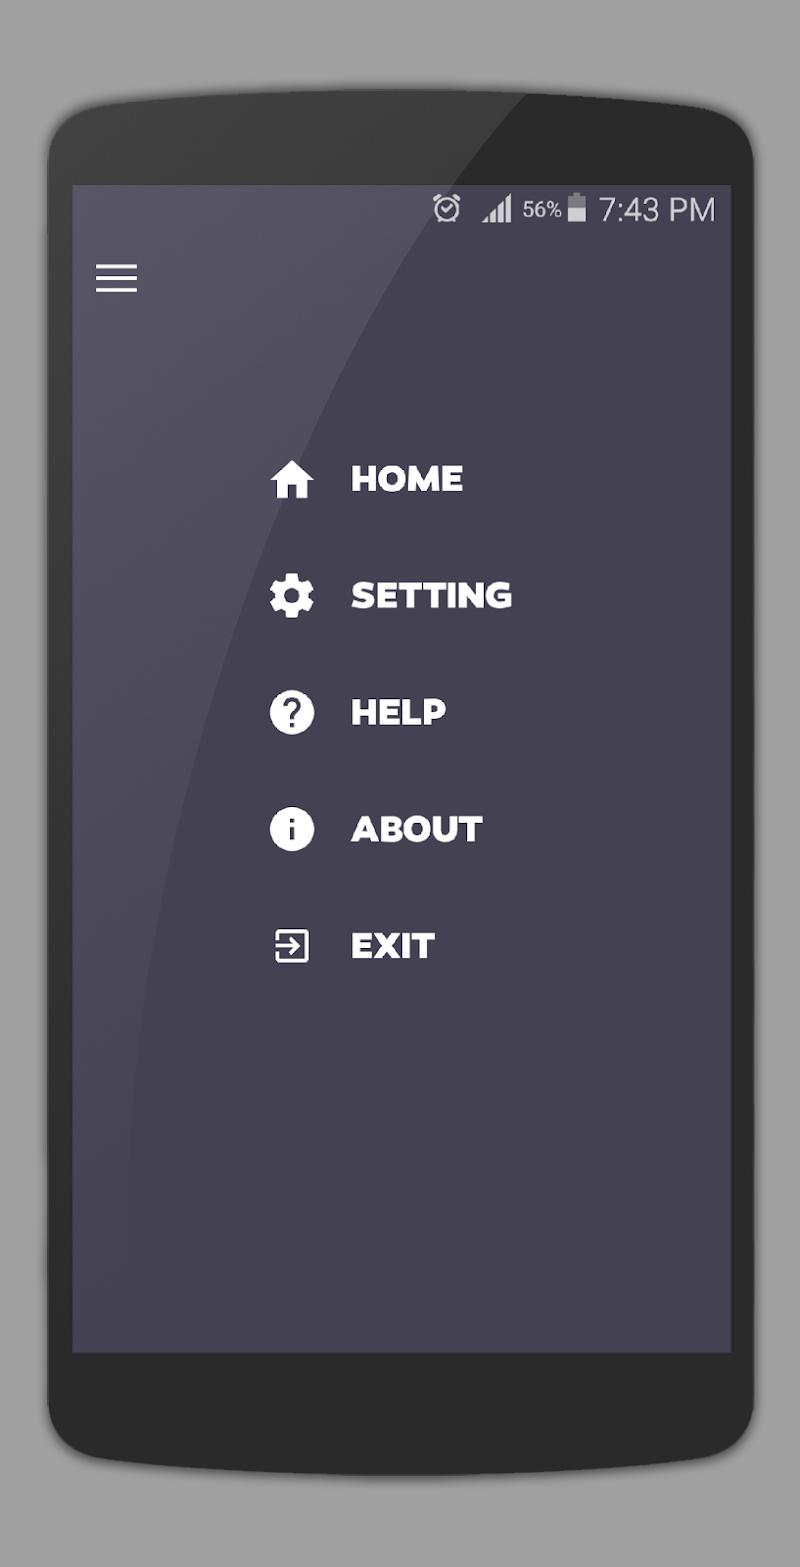 TUFFS Notification Shortcuts Screenshot 12